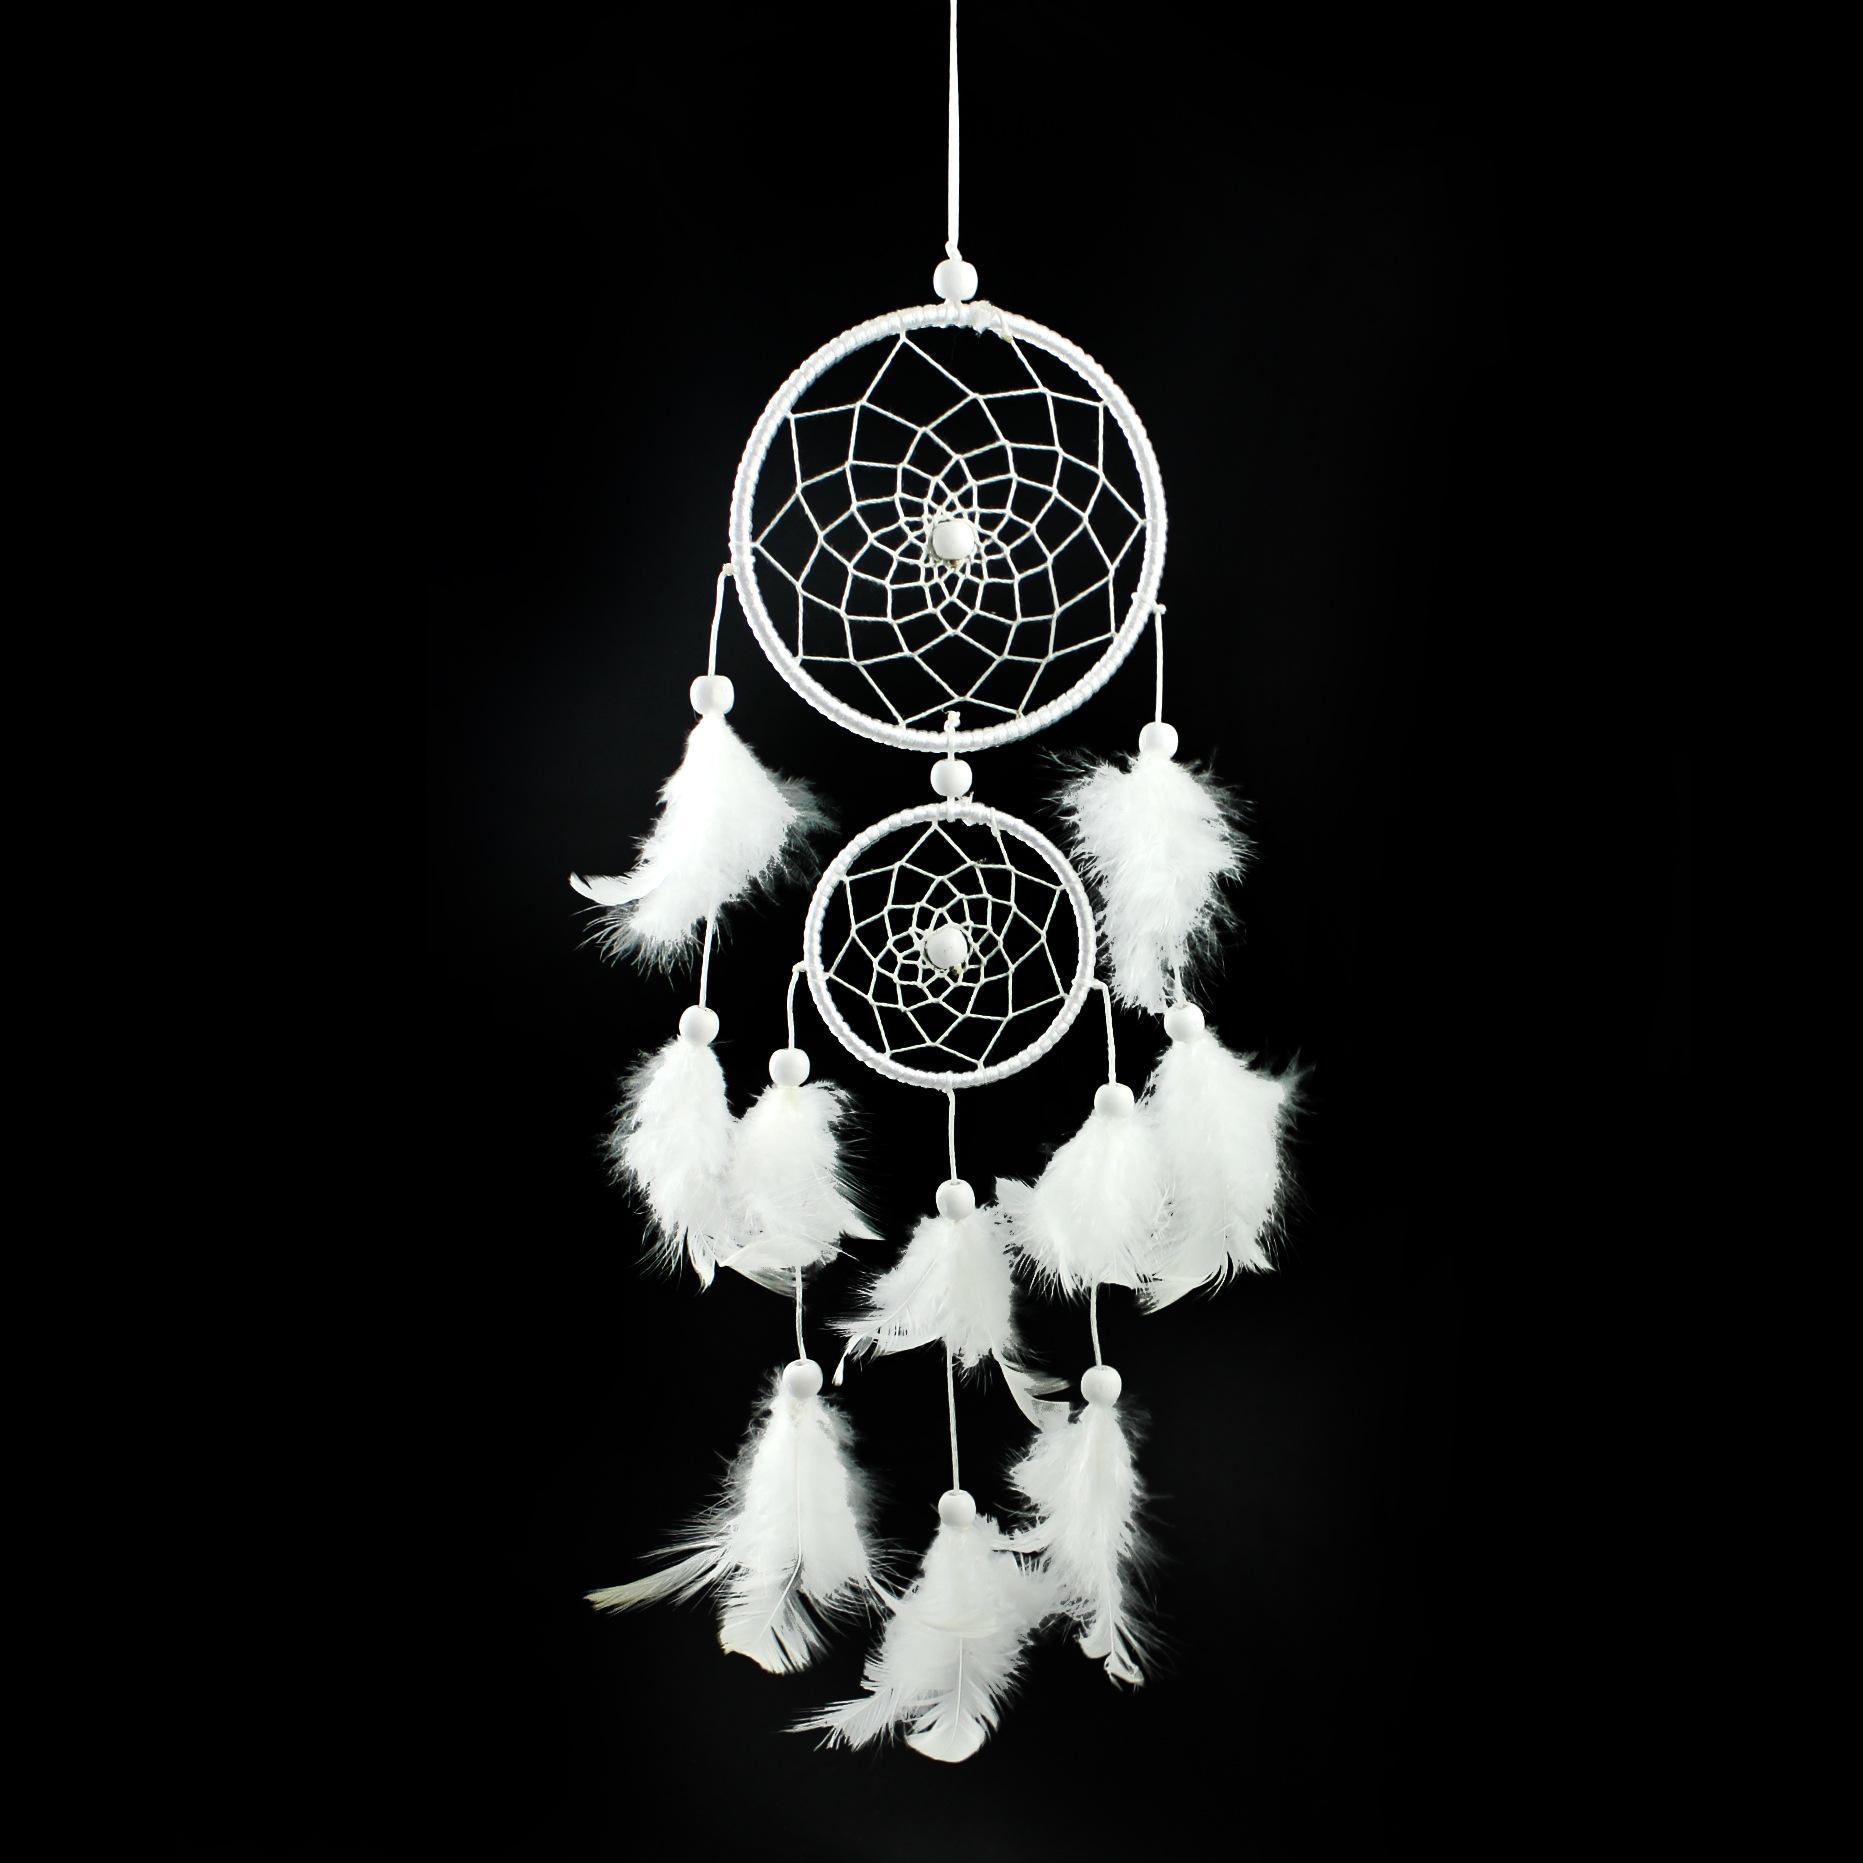 Белый ловец снов украшения дома вешалки перо ловец снов whosale